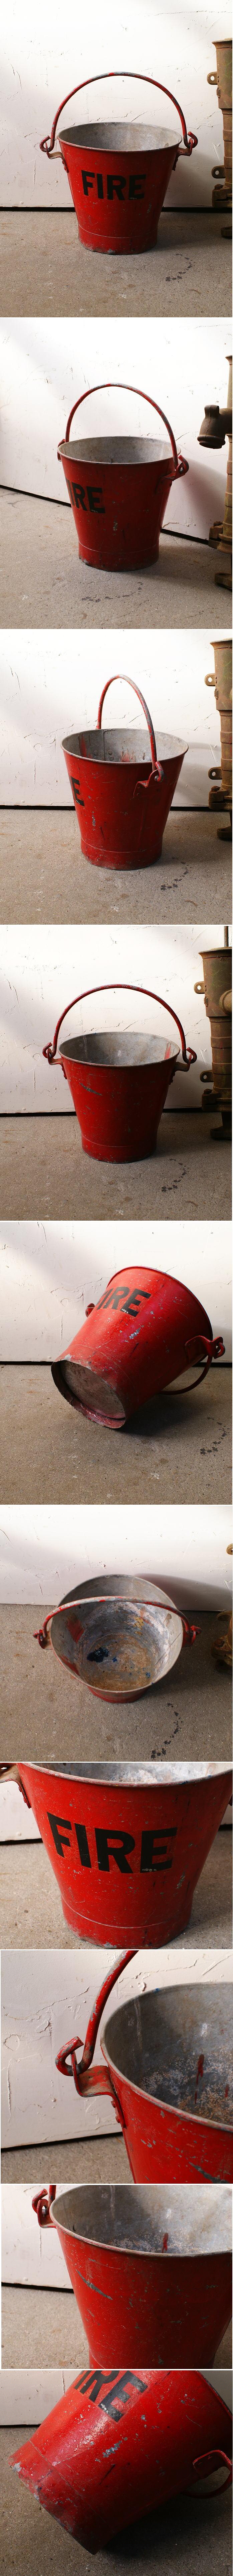 イギリス アンティーク ブリキ製 バケツ ガーデニング 収納 4483